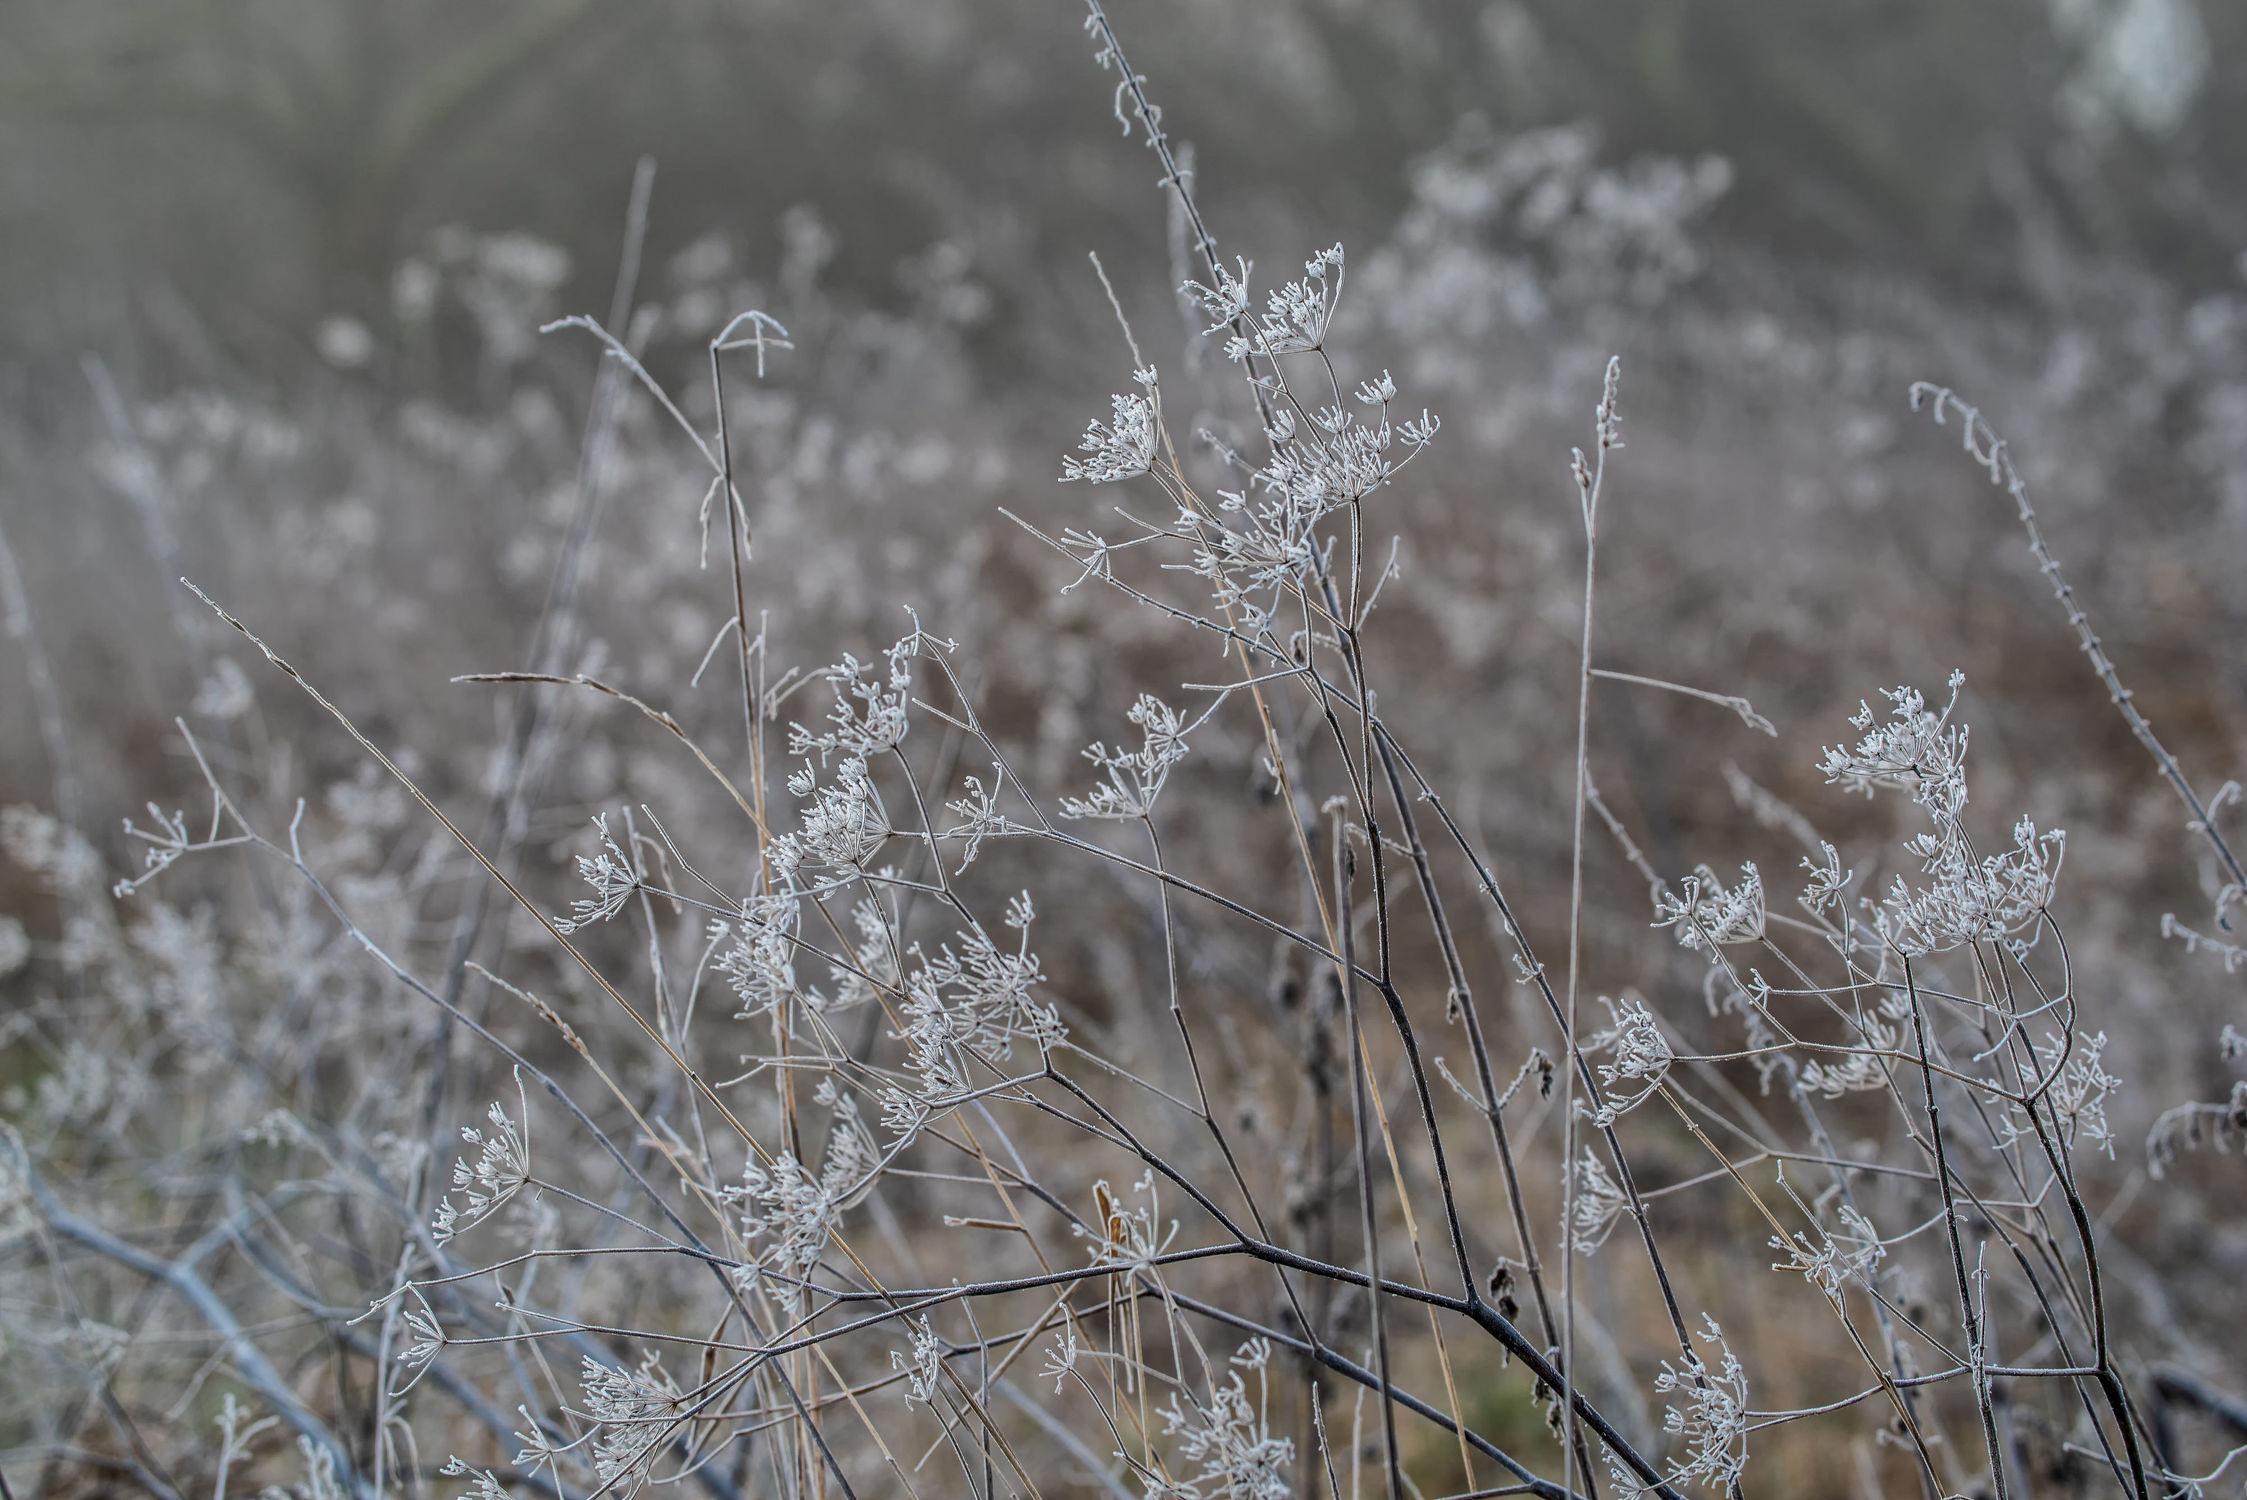 Bild mit Natur, Pflanzen, Gräser, Landschaften, Jahreszeiten, Winter, Deutschland, Gegenlicht, nahaufnahme, Frost, Raureif, Freigestellt, Morgens, Bayern, Januar